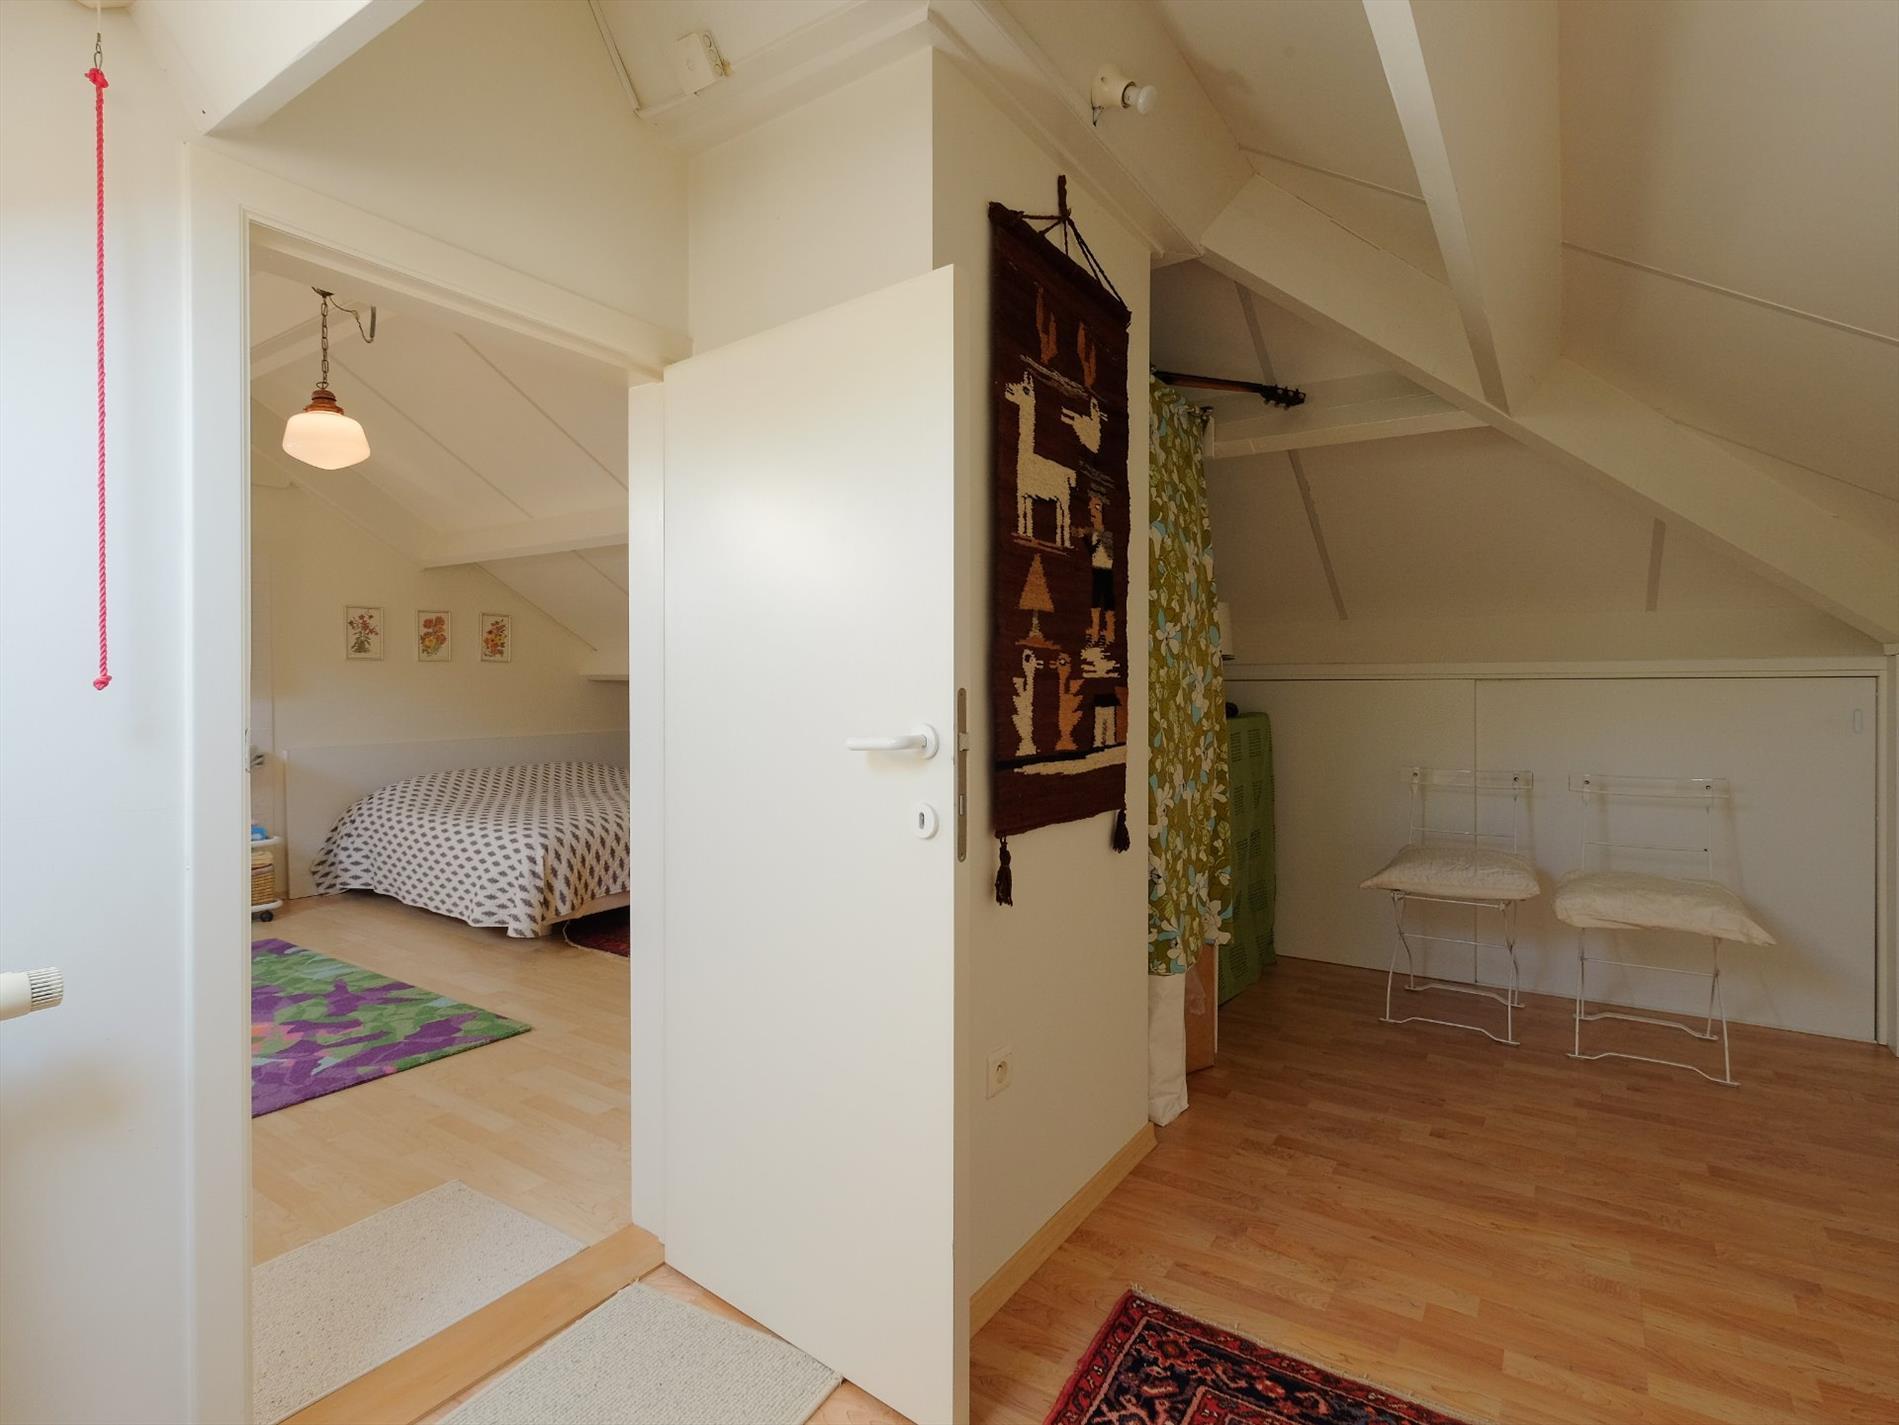 Eigentijdse villa met 4 slaapkamers 2 badkamers op zonnig perceel van 1383 m - Eigentijdse design slaapkamer ...